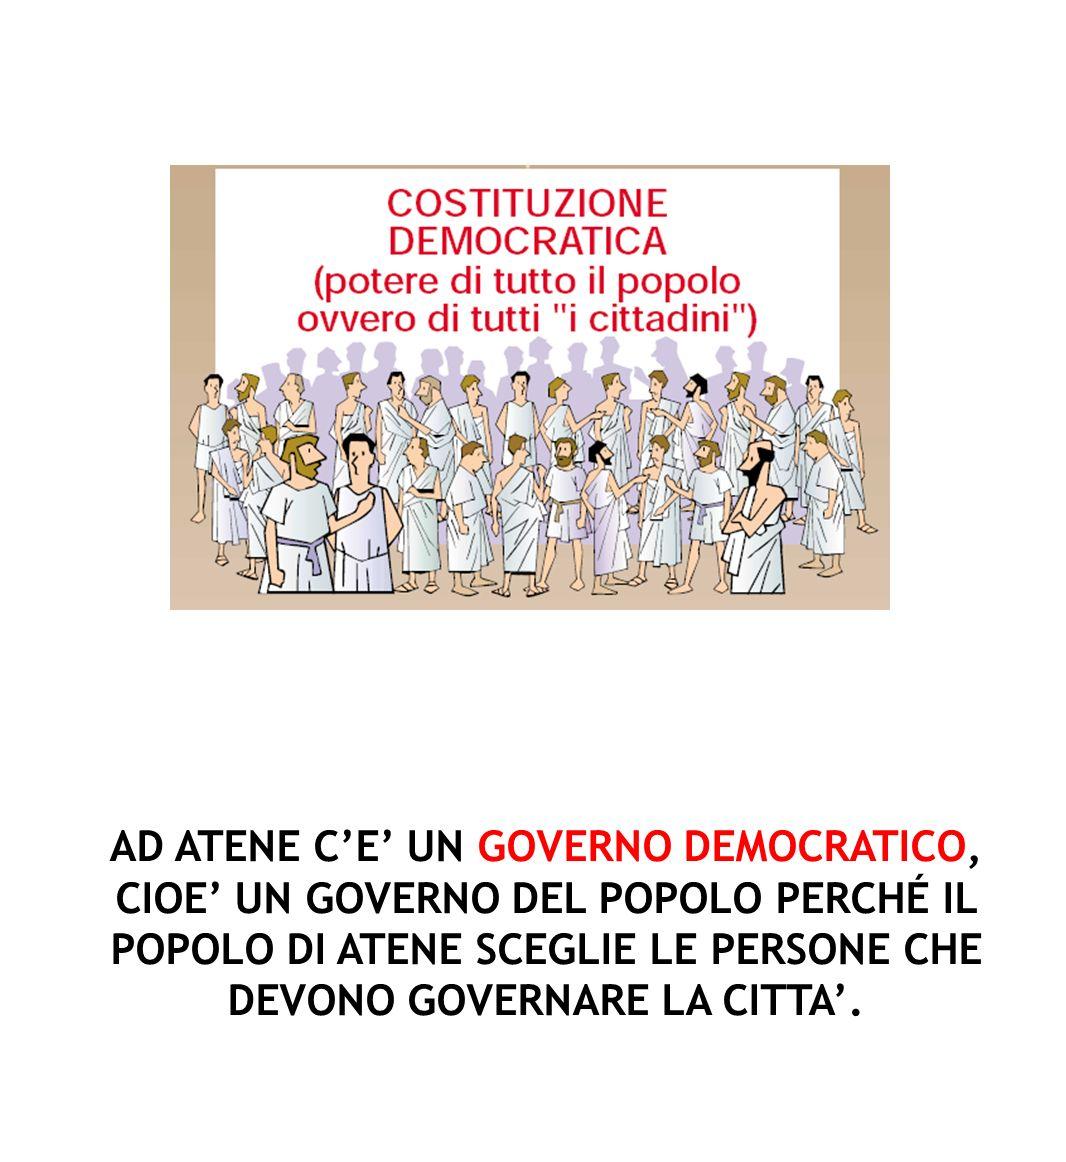 AD ATENE C'E' UN GOVERNO DEMOCRATICO, CIOE' UN GOVERNO DEL POPOLO PERCHÉ IL POPOLO DI ATENE SCEGLIE LE PERSONE CHE DEVONO GOVERNARE LA CITTA'.